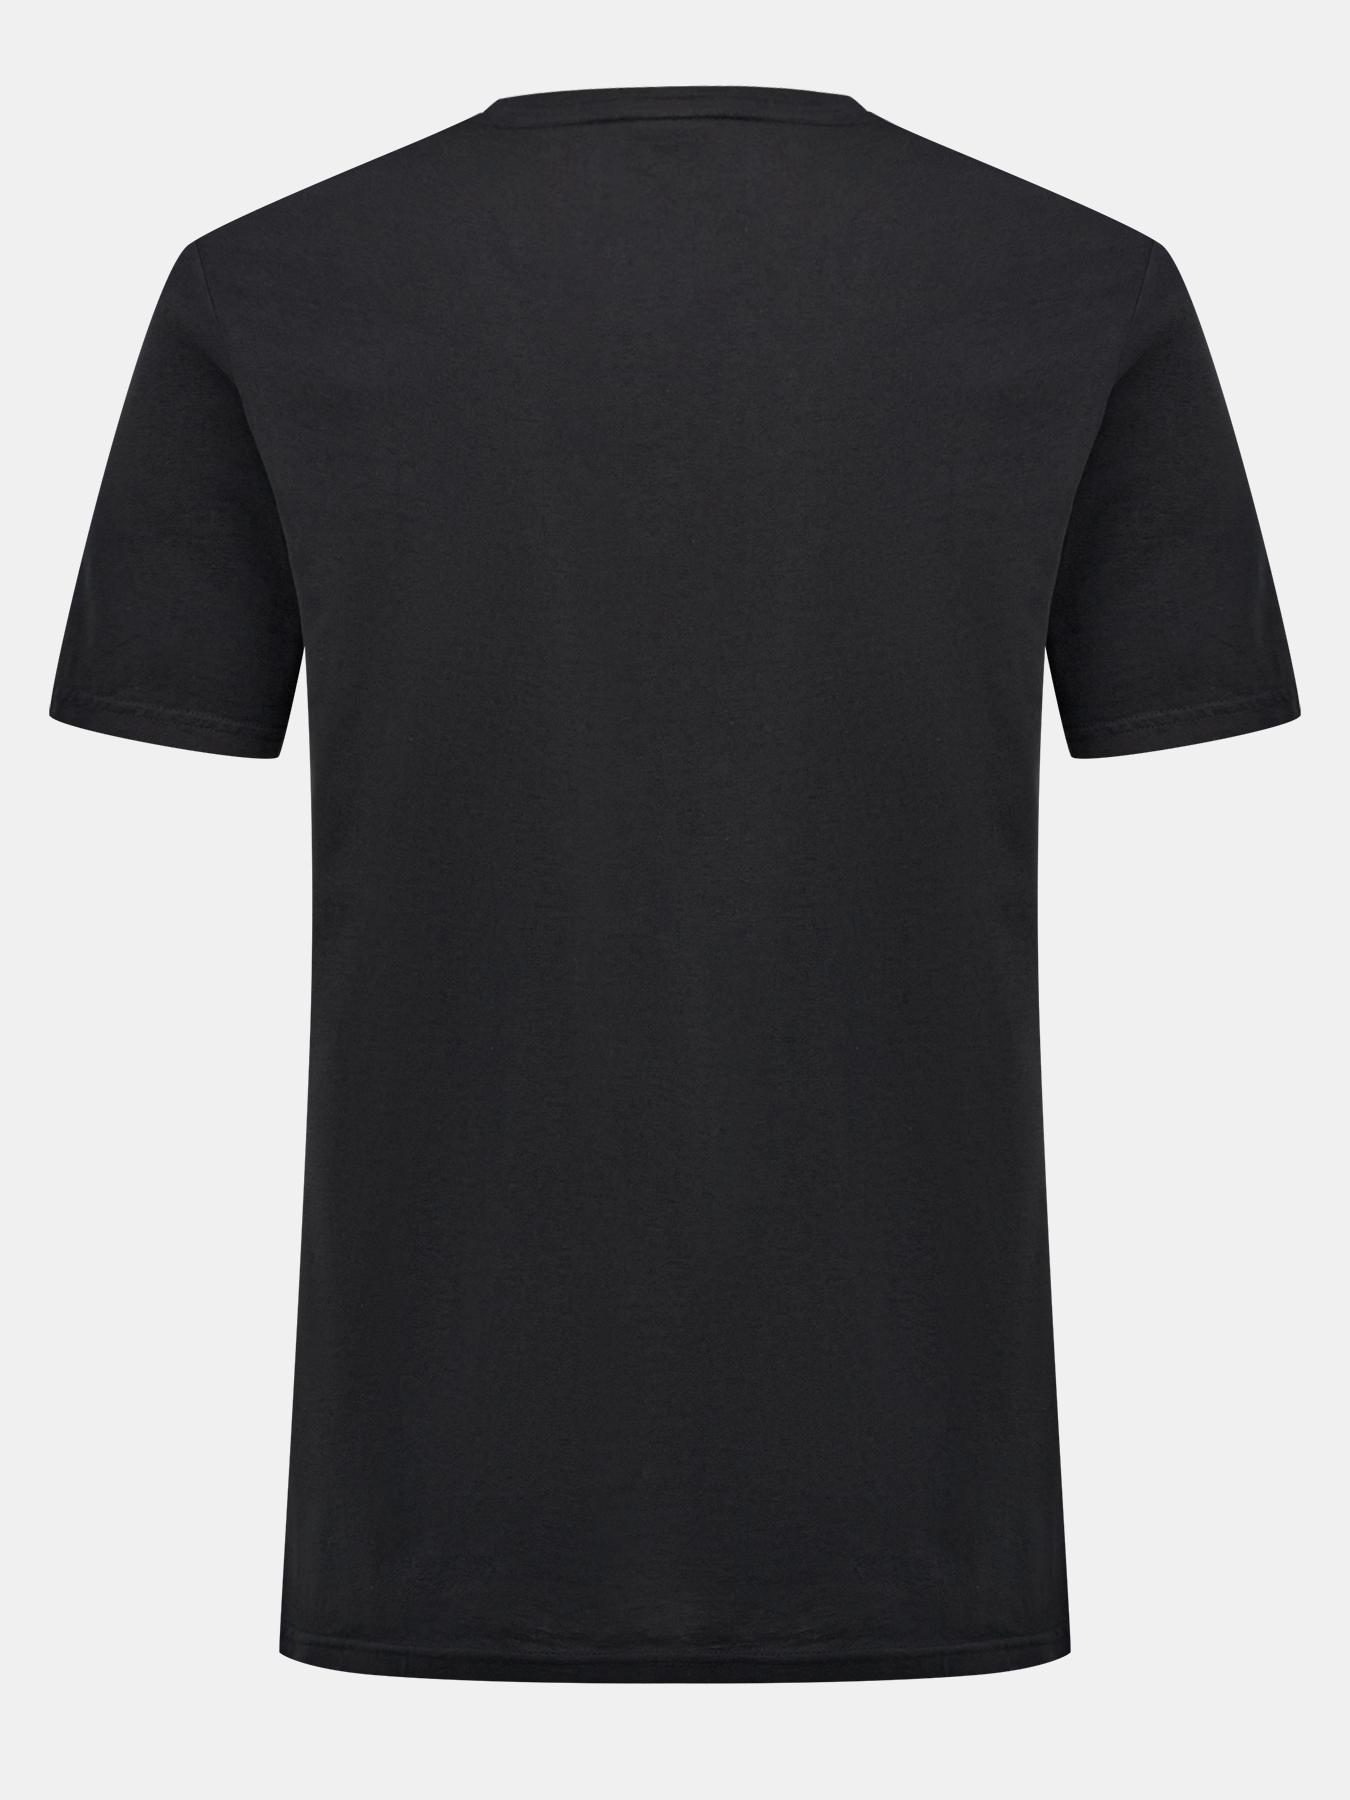 Фуфайка (футболка) BOSS Футболка Trust